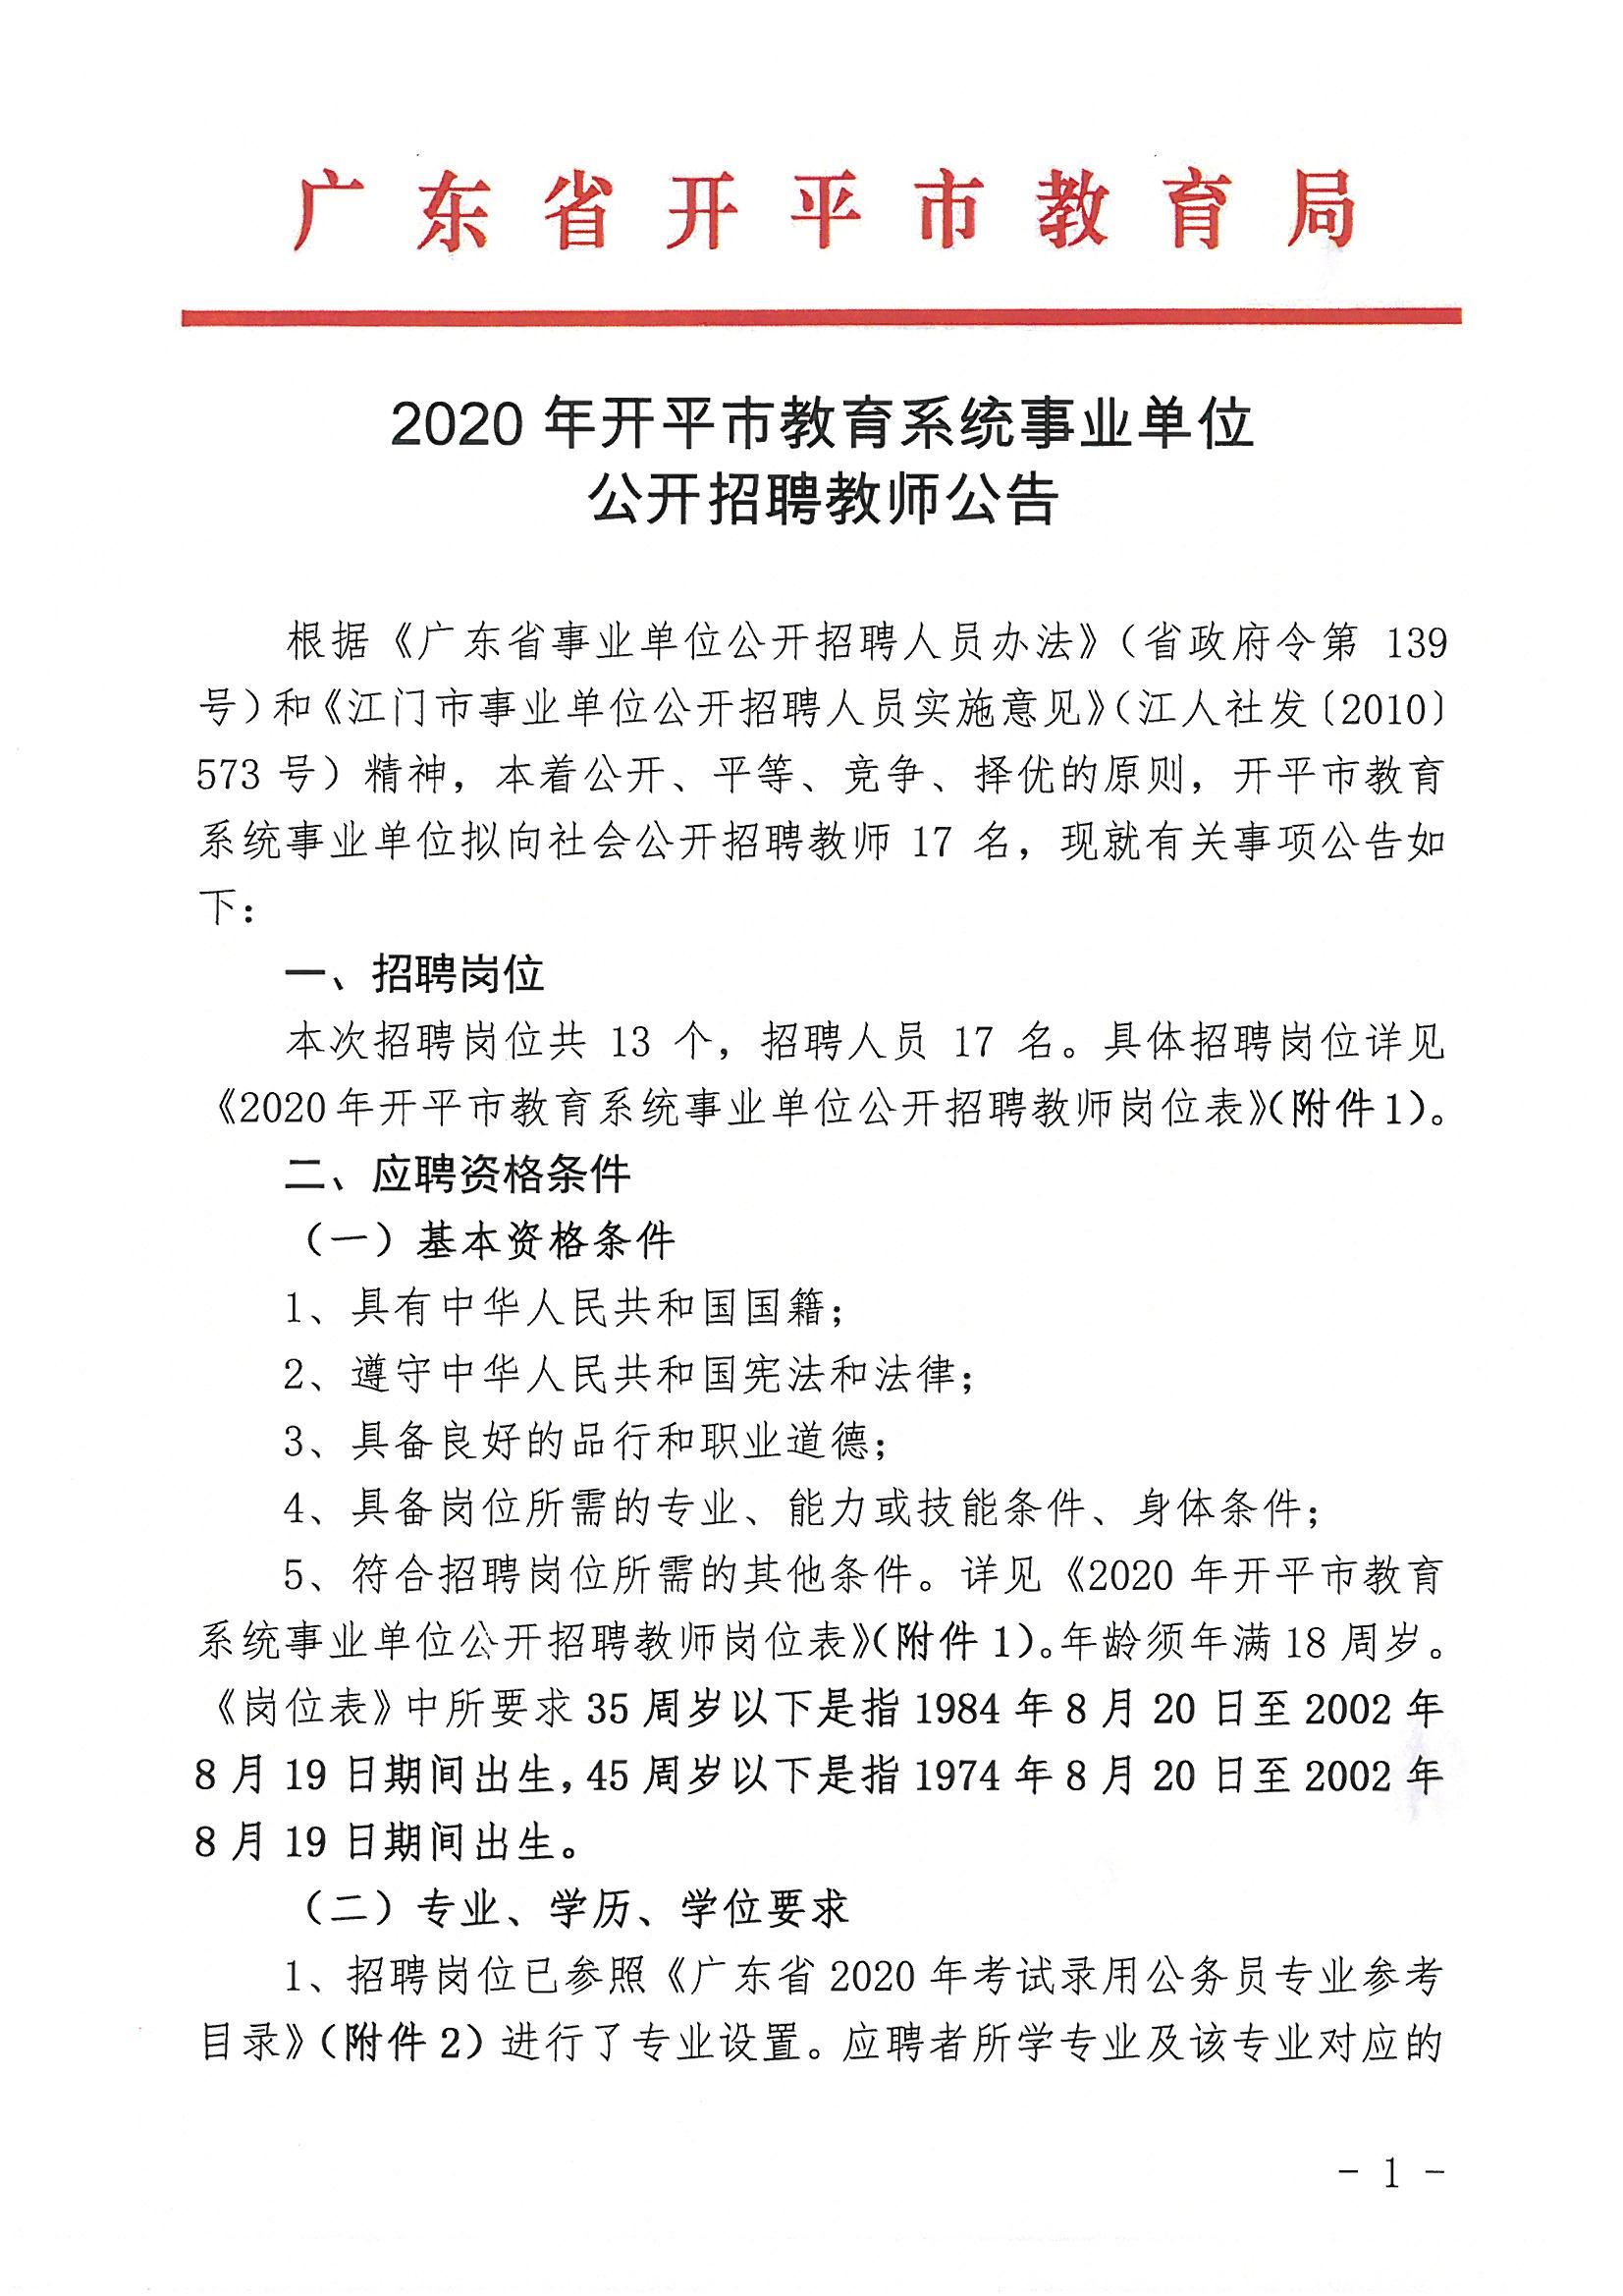 2020年江门开平市教育系统事业单位招聘教师公告图1